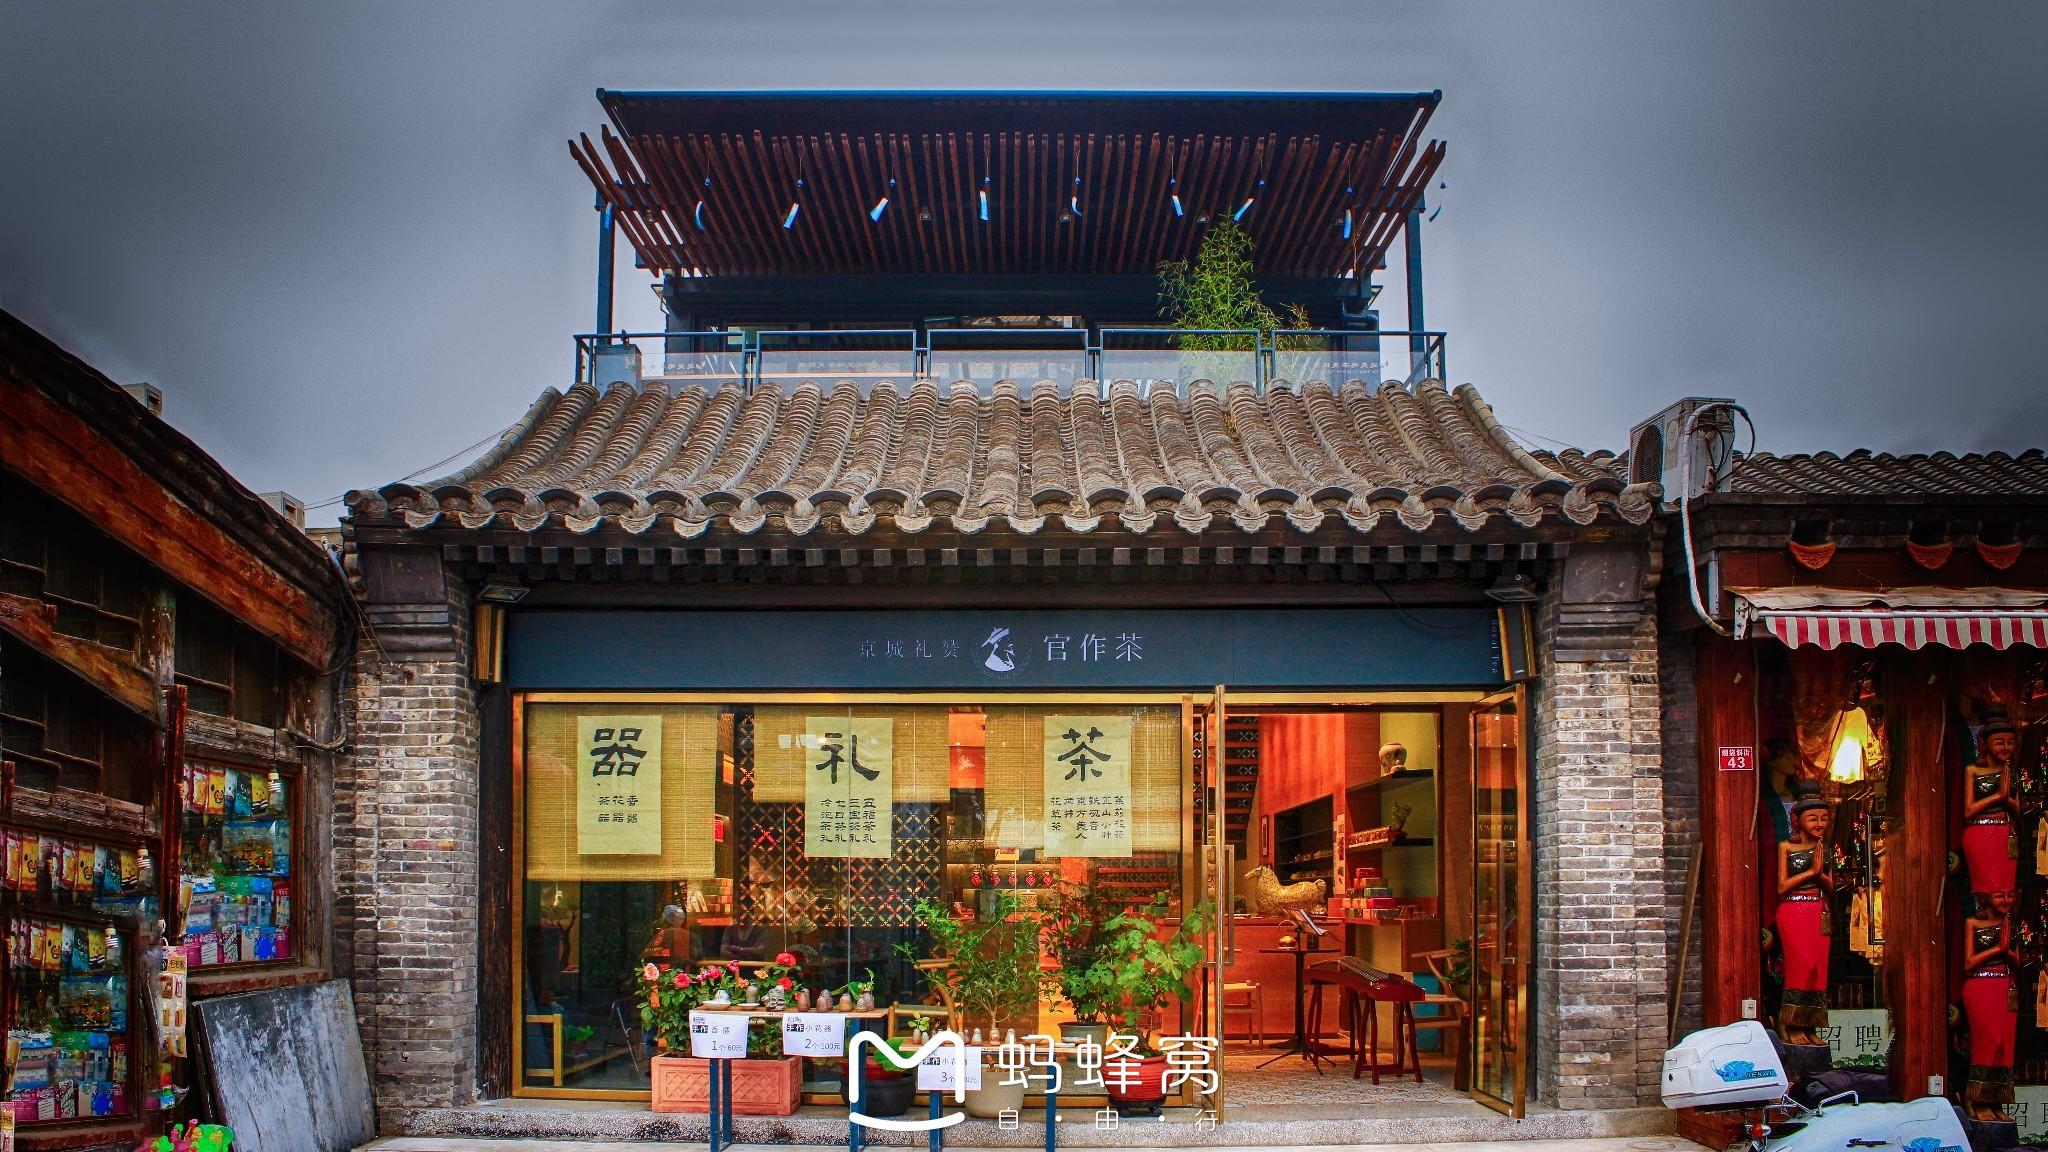 【端午節北京旅游】2019北京端午節去哪玩,端午節去北京哪里玩好